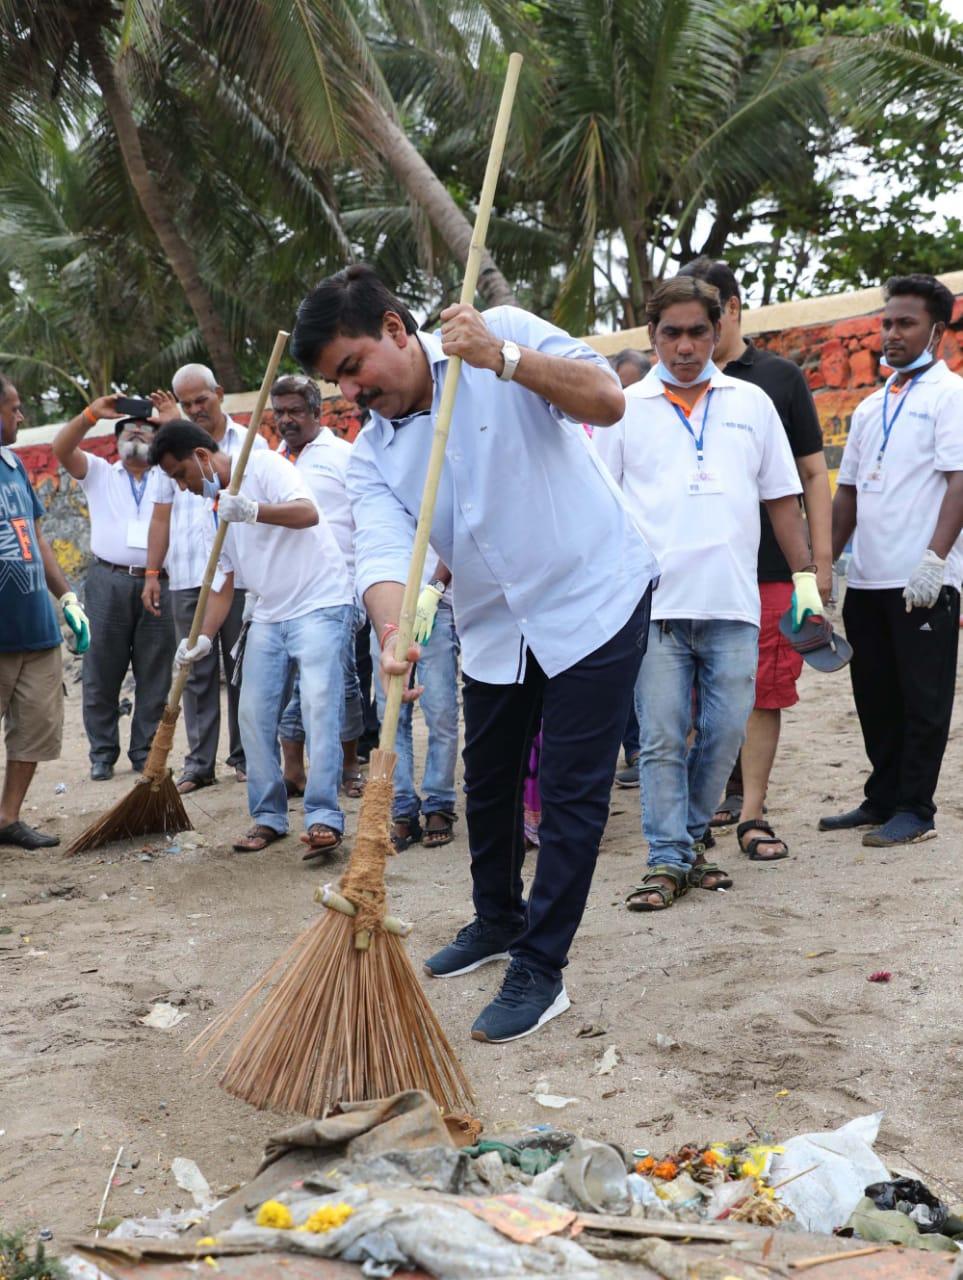 राहुल शेवाळेंच्या स्वच्छता मोहिमेकडे आमदार, नगरसेवकांची पाठ